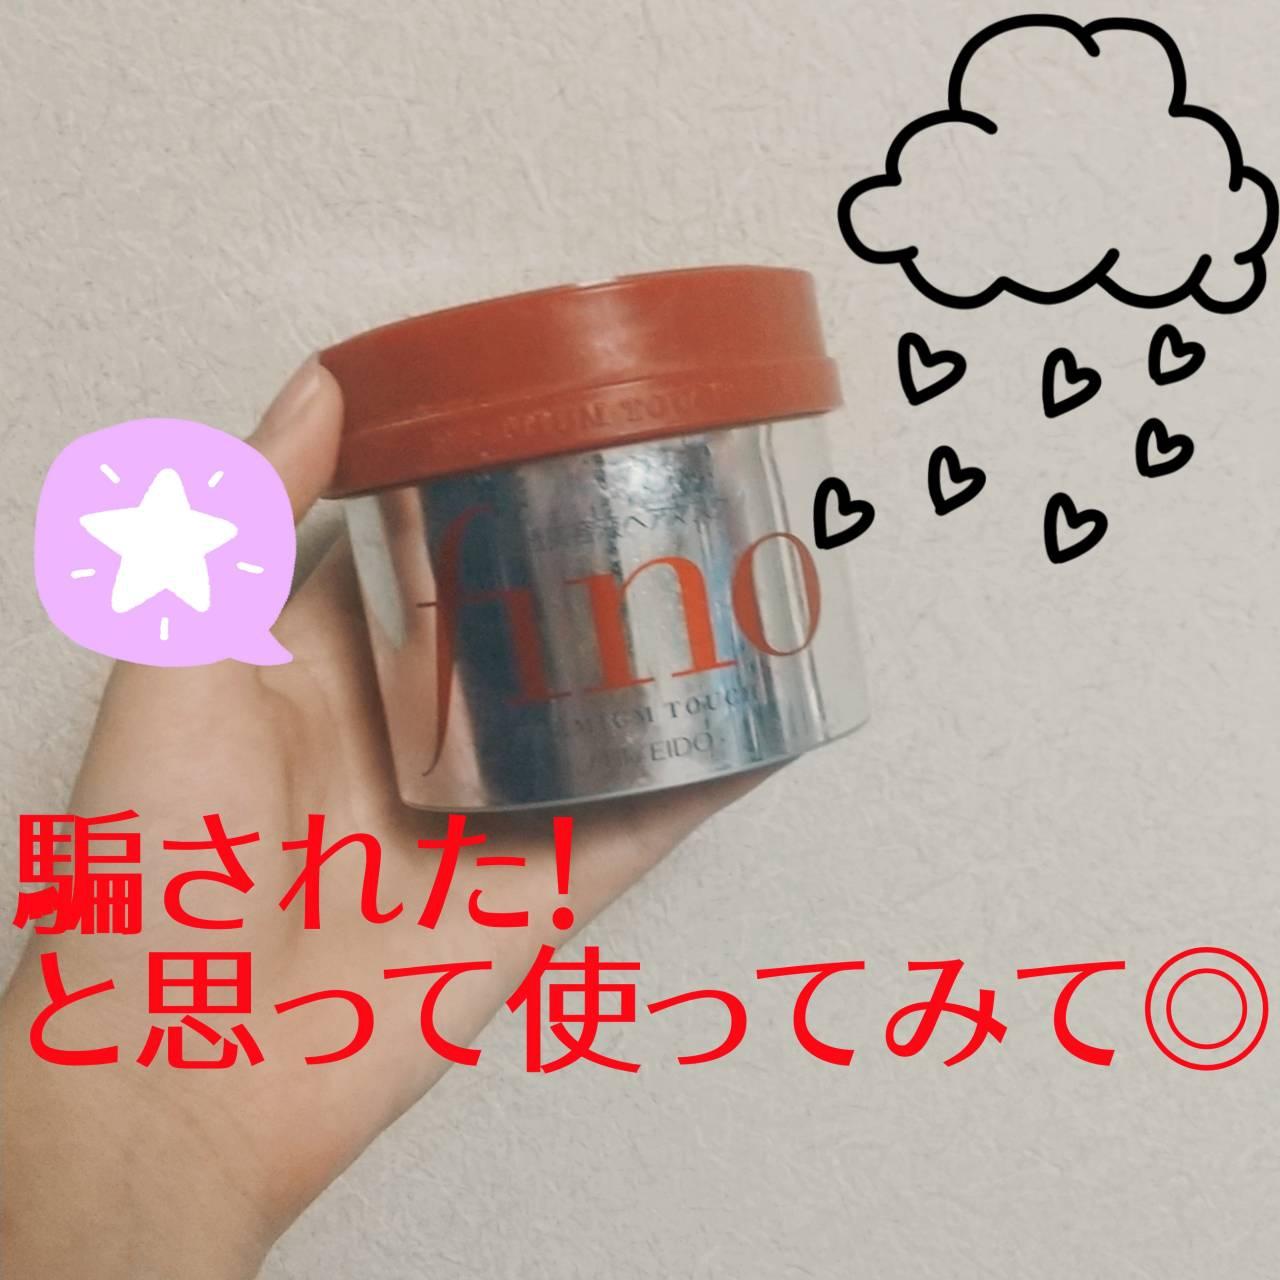 fino(フィーノ)プレミアムタッチ 浸透美容液ヘアマスクを使ったRIRIさんのクチコミ画像1